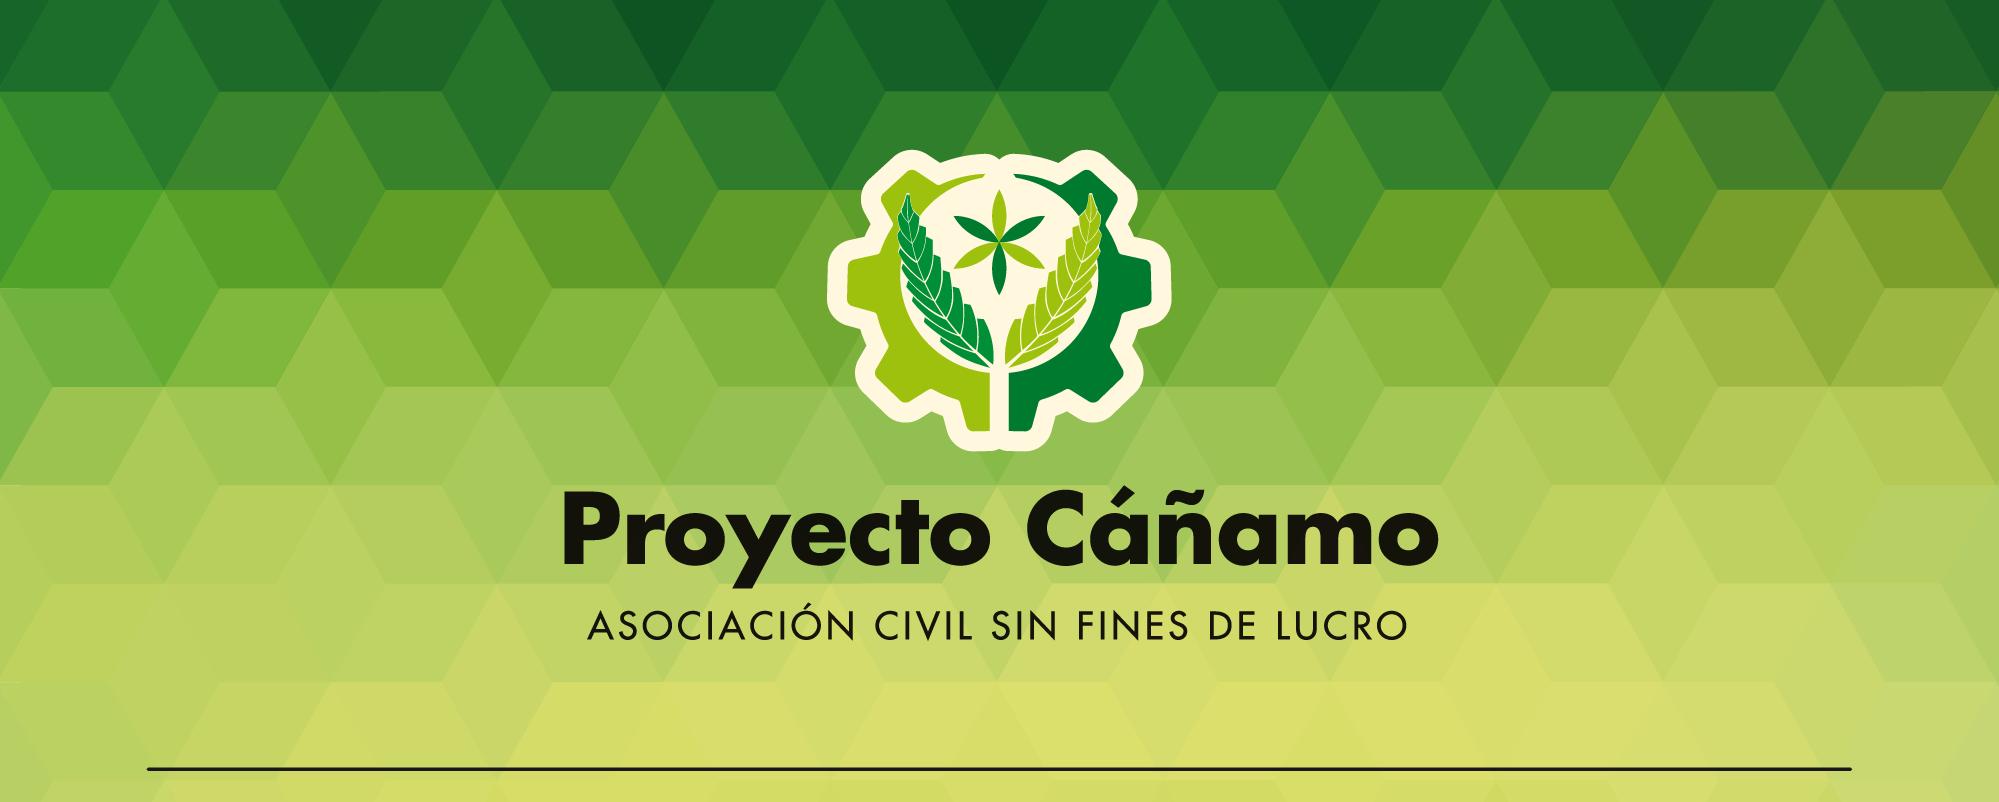 Entrevista a Mariano Percivale de Proyecto Cáñamo